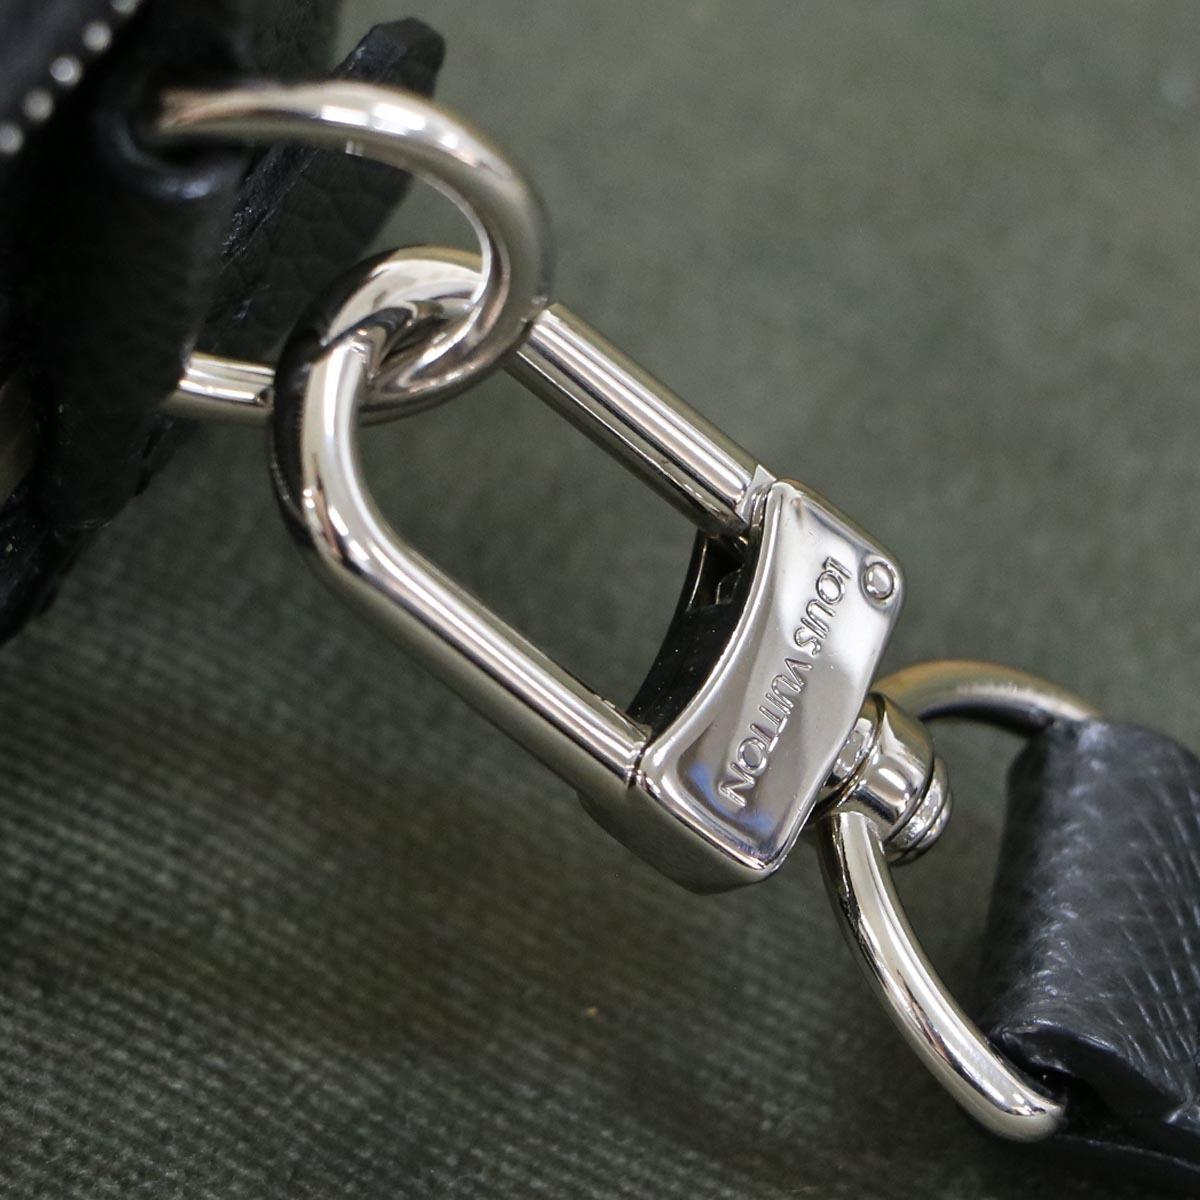 本物 極上品 ルイヴィトン タイガレザー カサイ メンズセカンドバッグ アルドワーズ SV金具 ストラップ付きクラッチバッグ LOUIS VUITTON_画像5